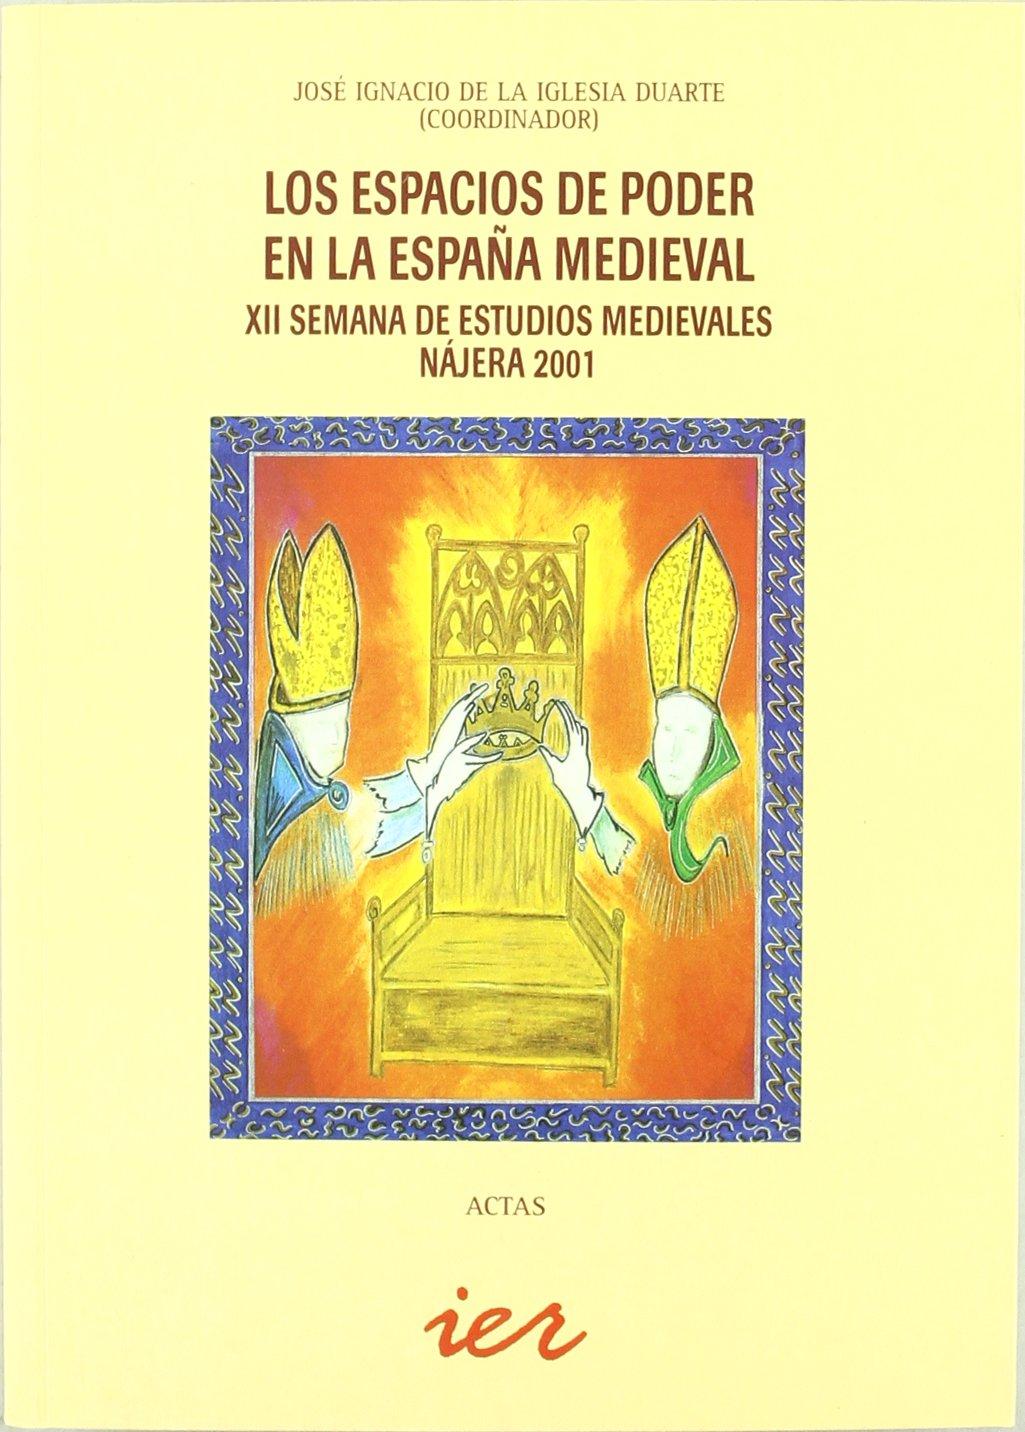 Los espacios de poder en la España medieval: XII Semana de Estudios Medievales, Nájera, 2001 Actas: Amazon.es: Iglesia Duarte, Jose Ignacio: Libros